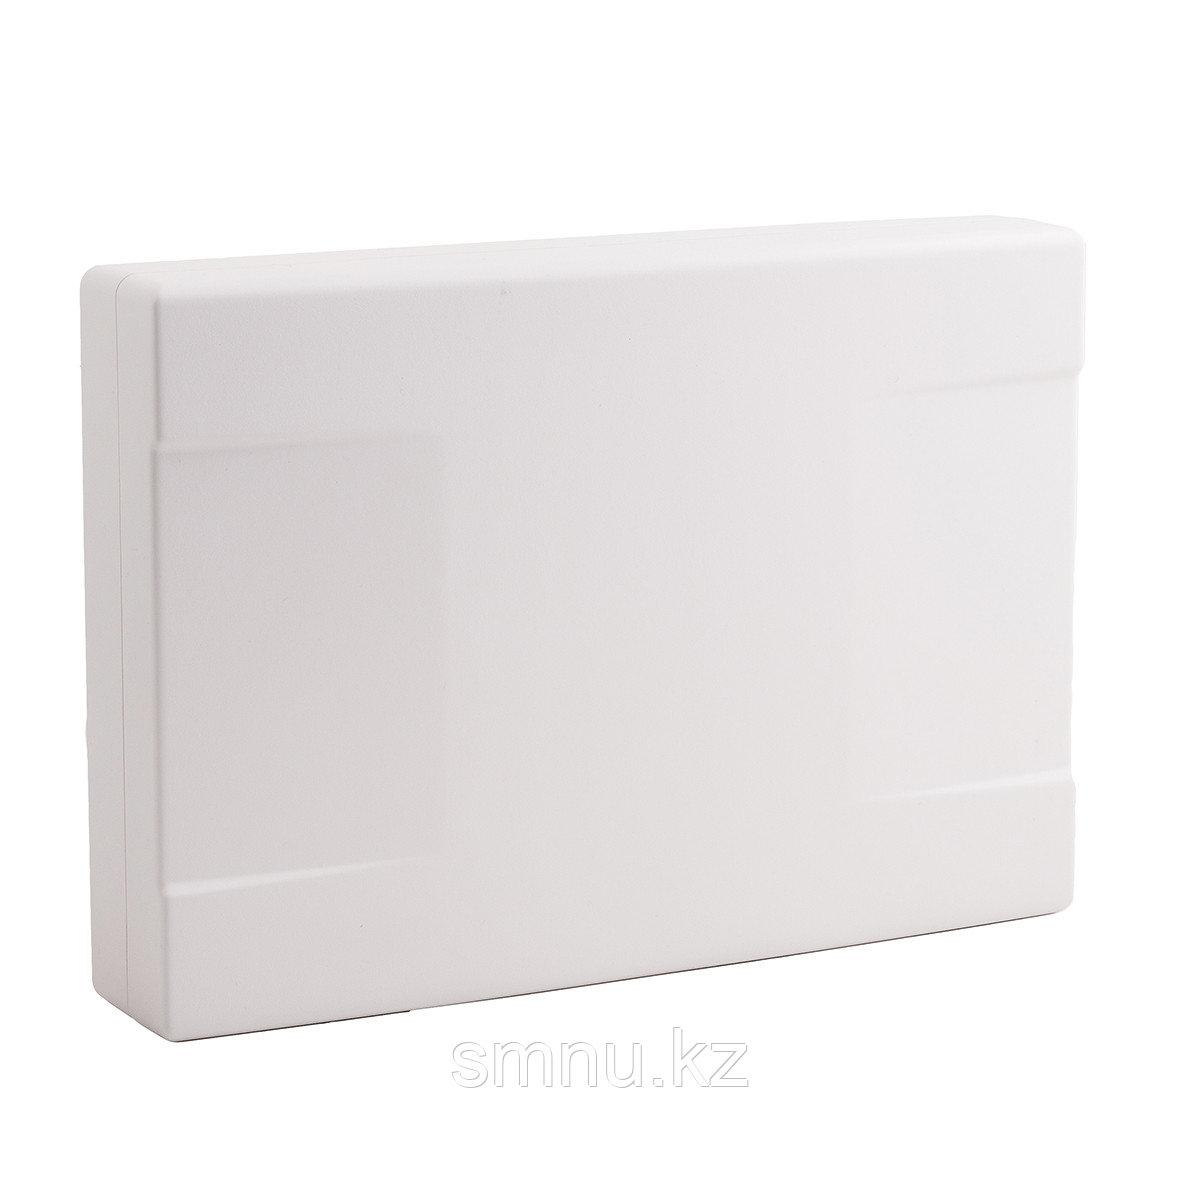 STEMAX  SX410 - Контроллер охранного мониторинга с GSM коммуникатором